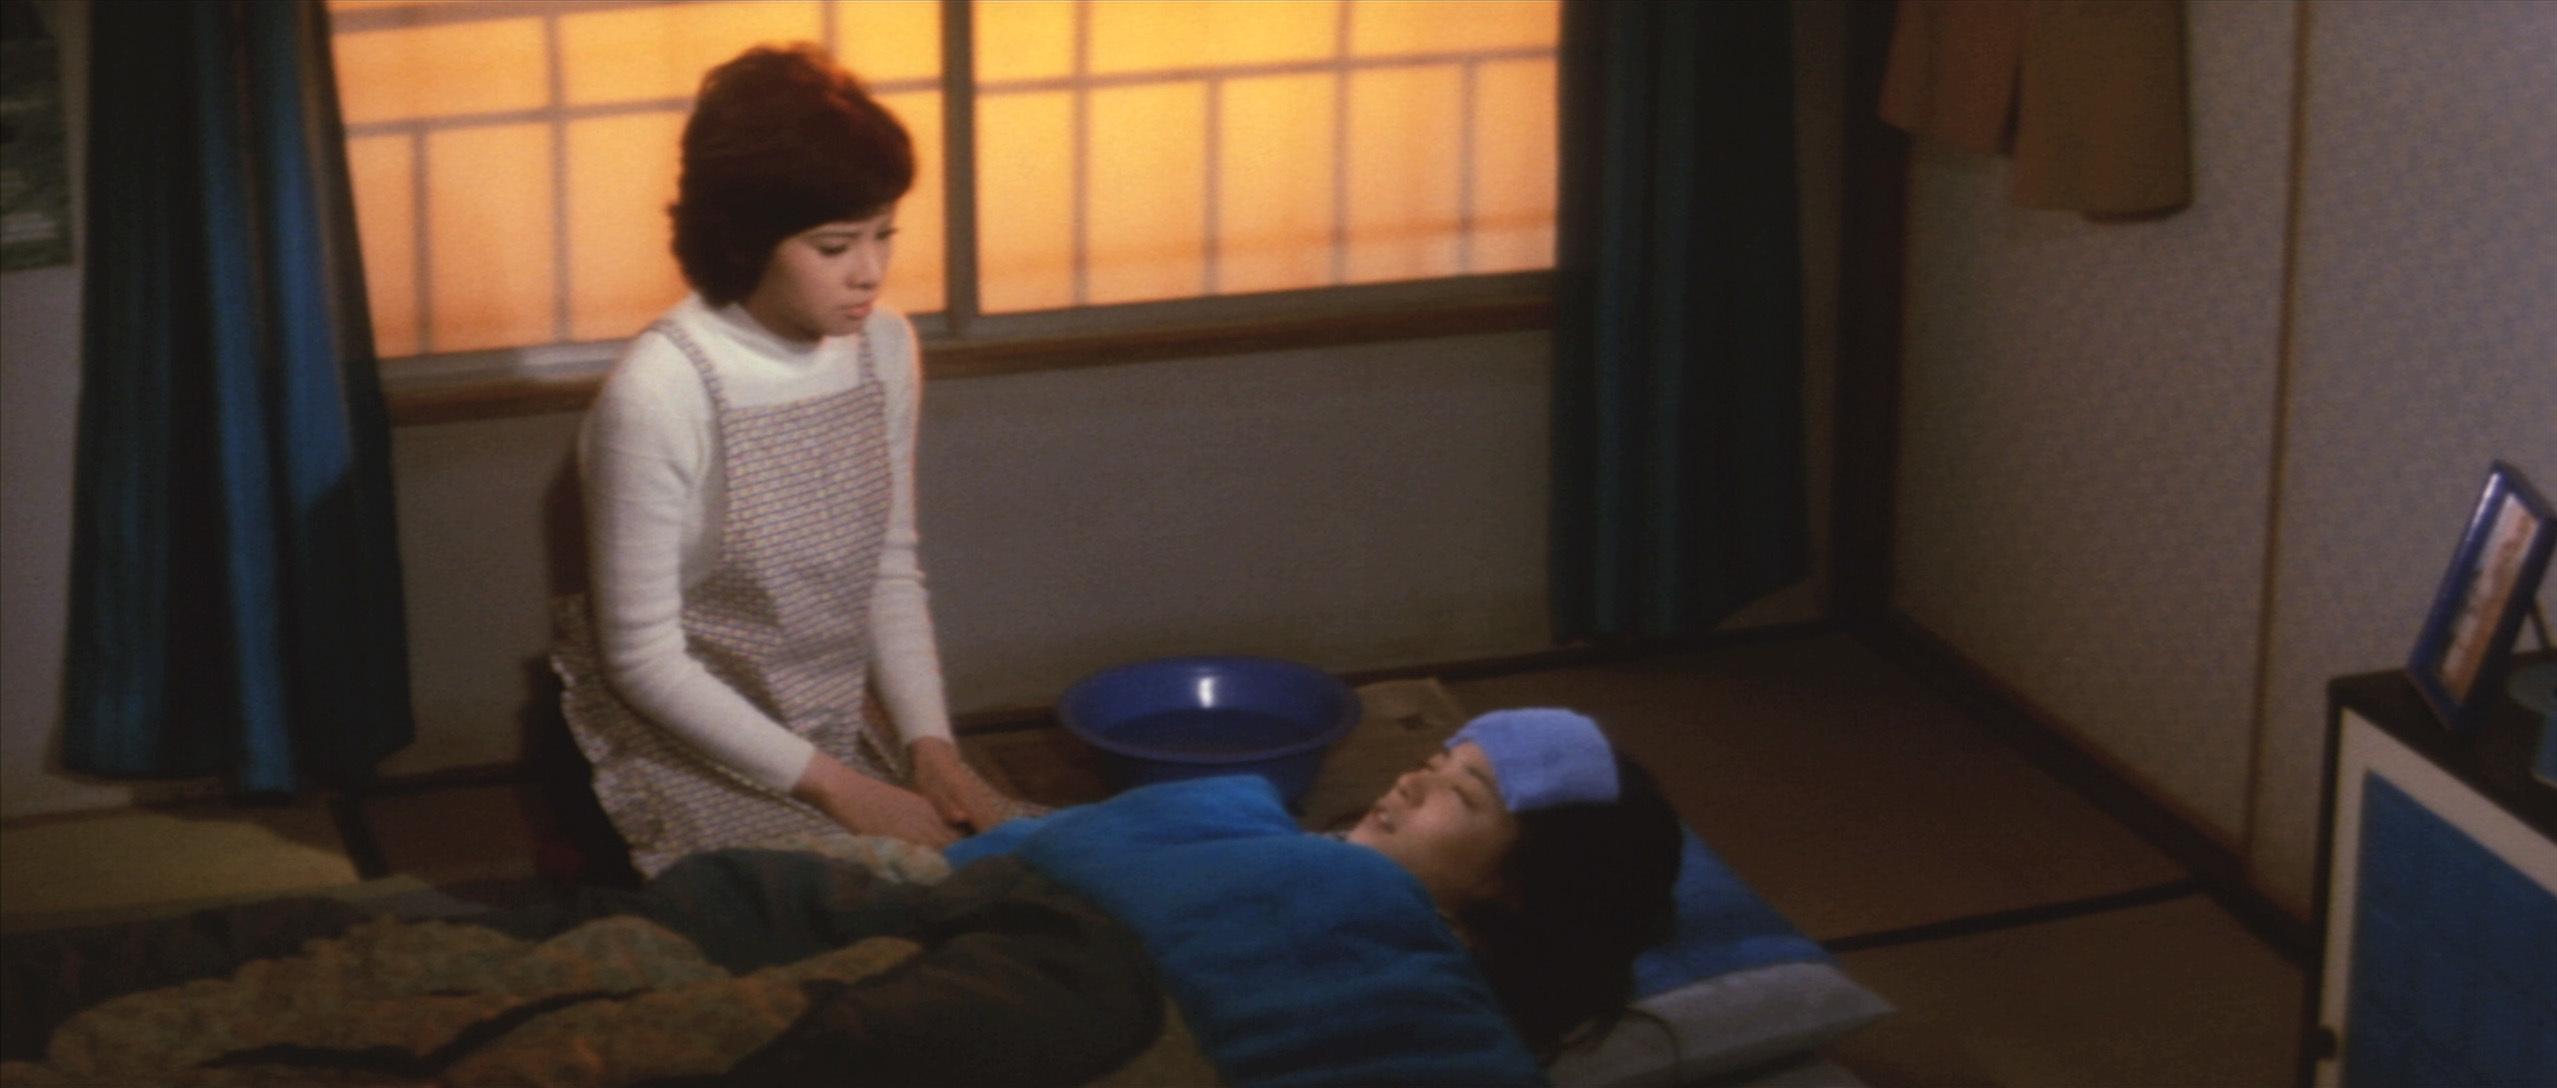 ひし美ゆり子(Yuriko Hishimi)「同棲時代」(1973)《Part2》_e0042361_19574011.jpg